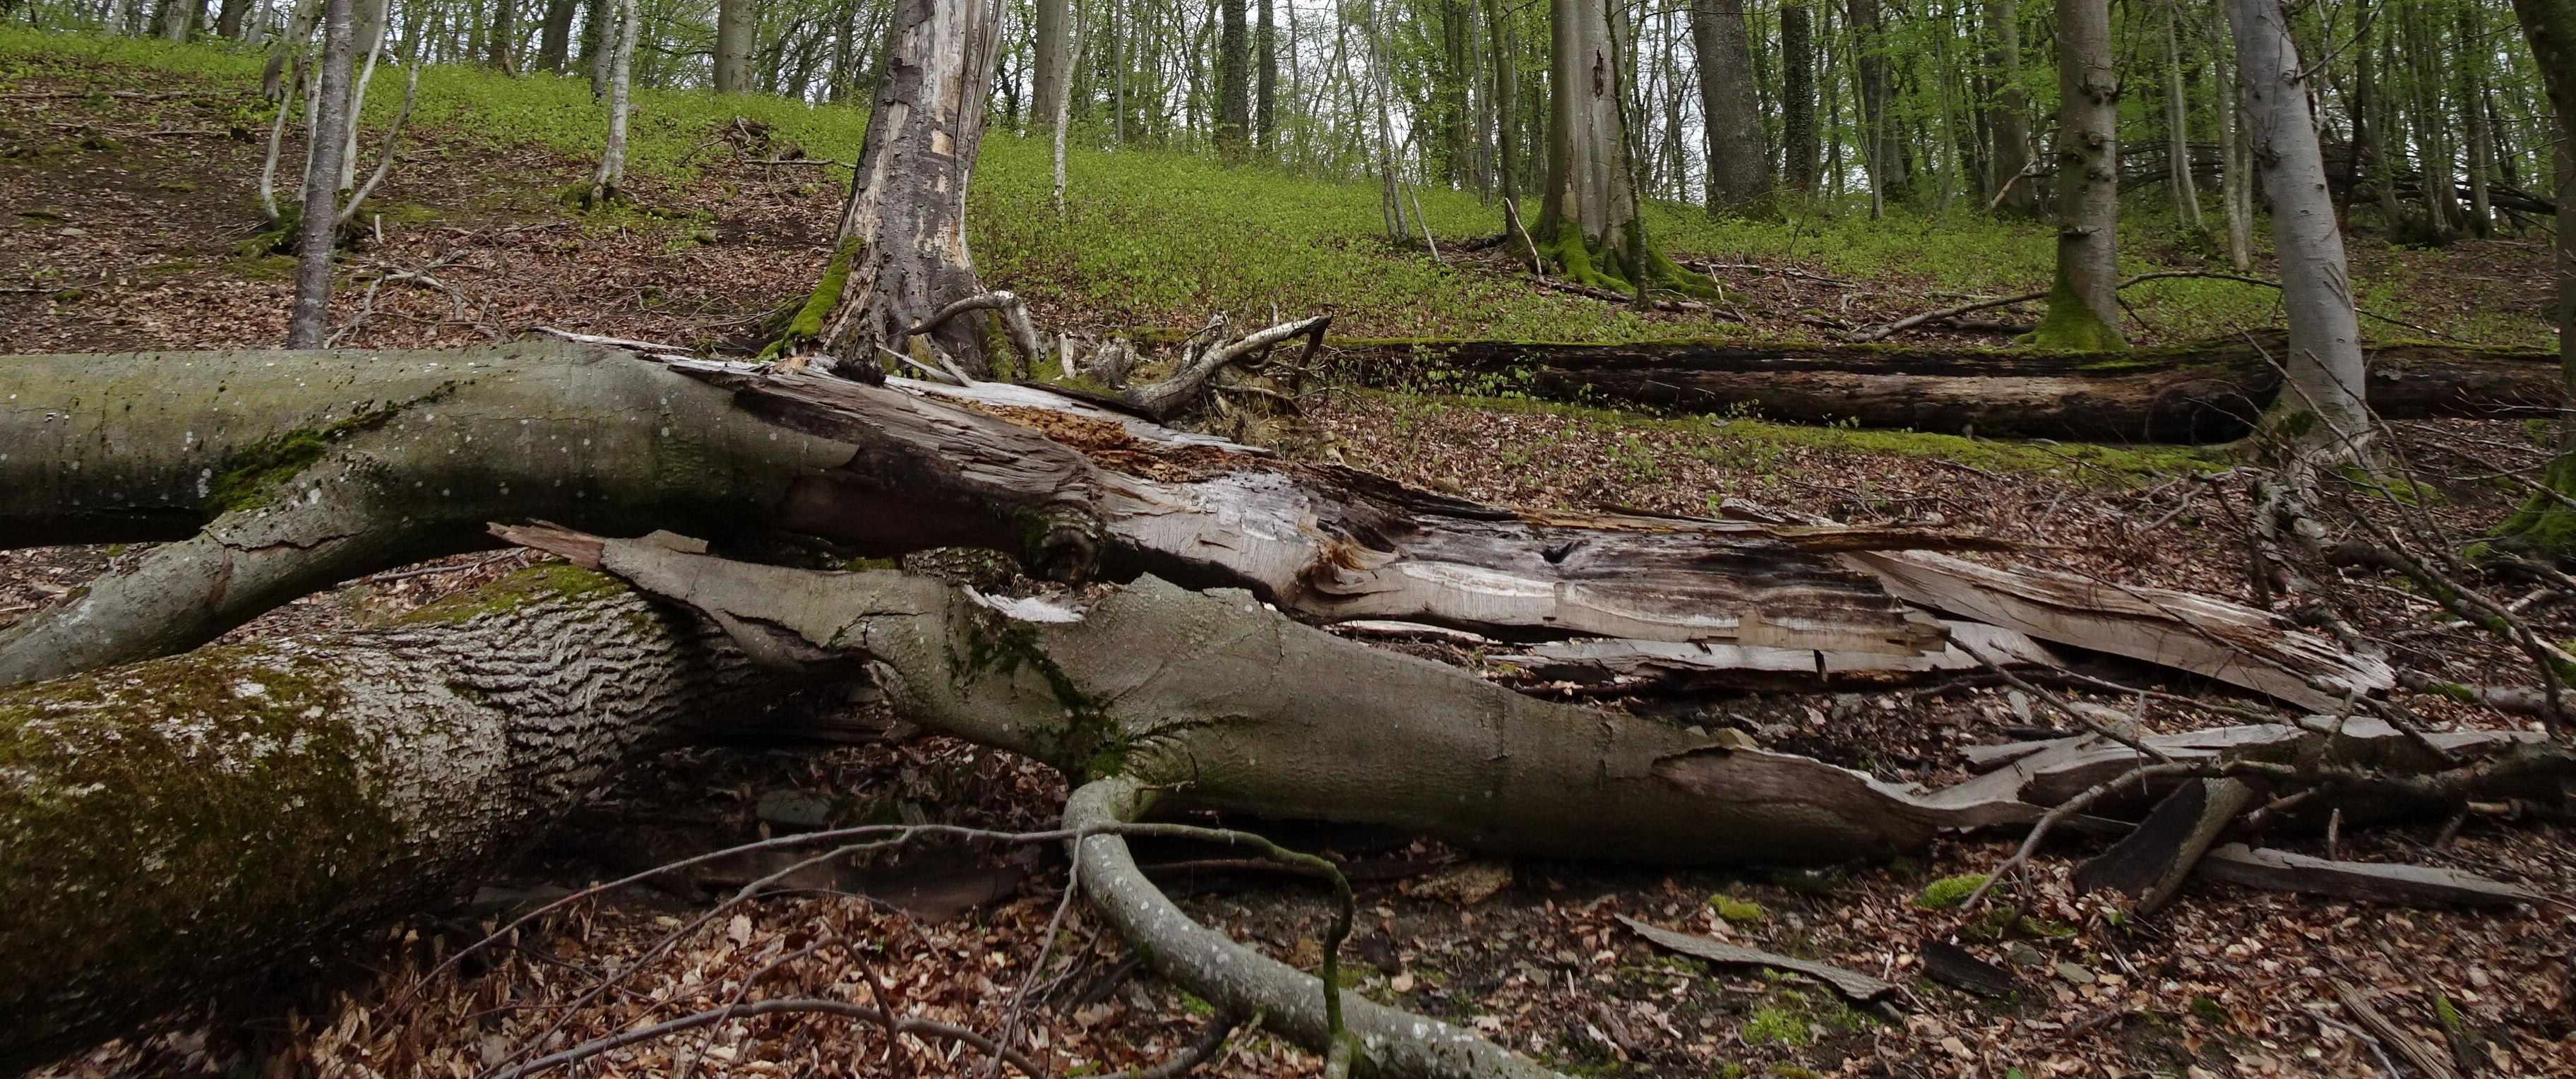 Natur- und heimatkundliche Vorträge z. B.: Urwald von morgen im Fünfmühlental am Mi. 27. Oktober